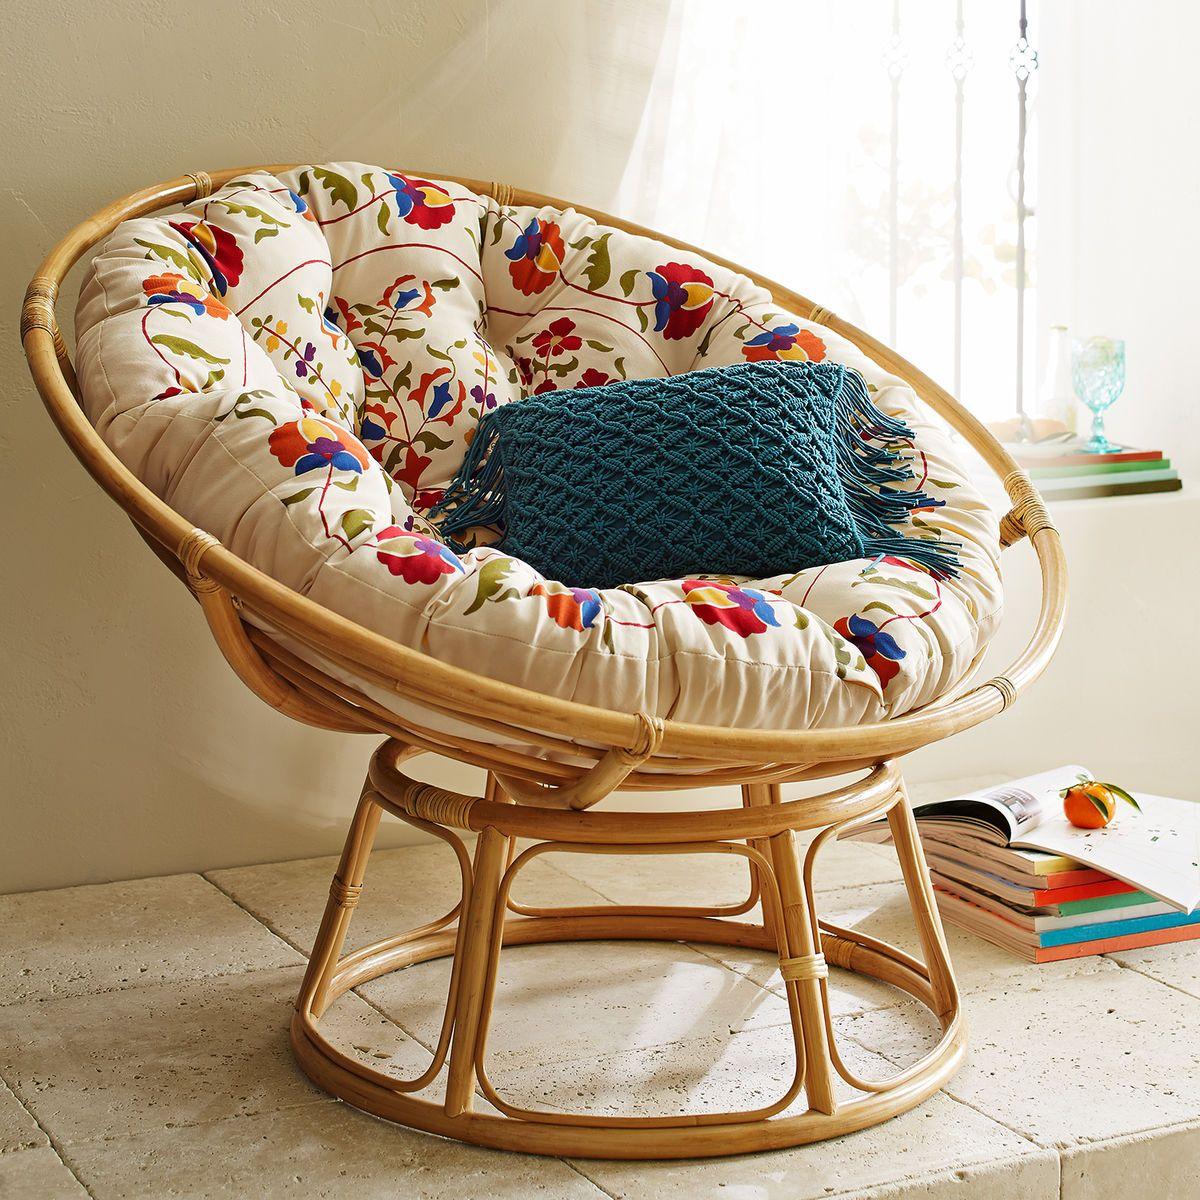 Papasan Chair Cushion   Boho Floral | Pier 1 Imports